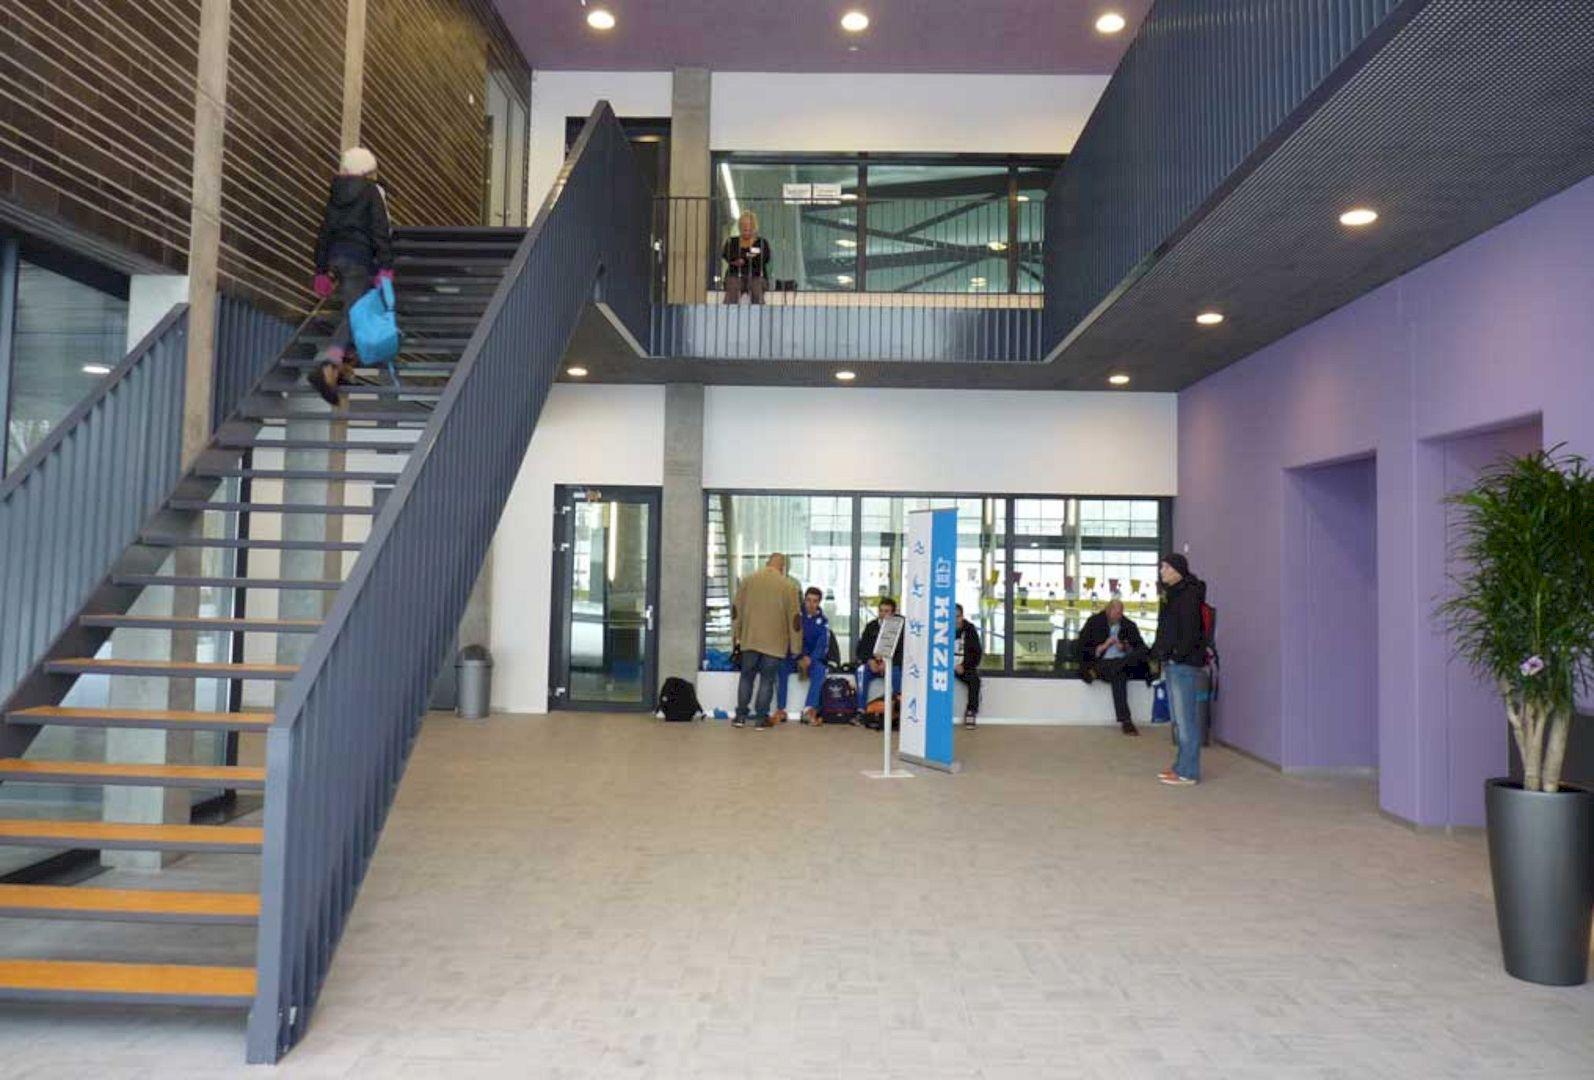 Swimming Pool De Krommerijn Utrecht By Jeanne Dekkers Architectuur 1